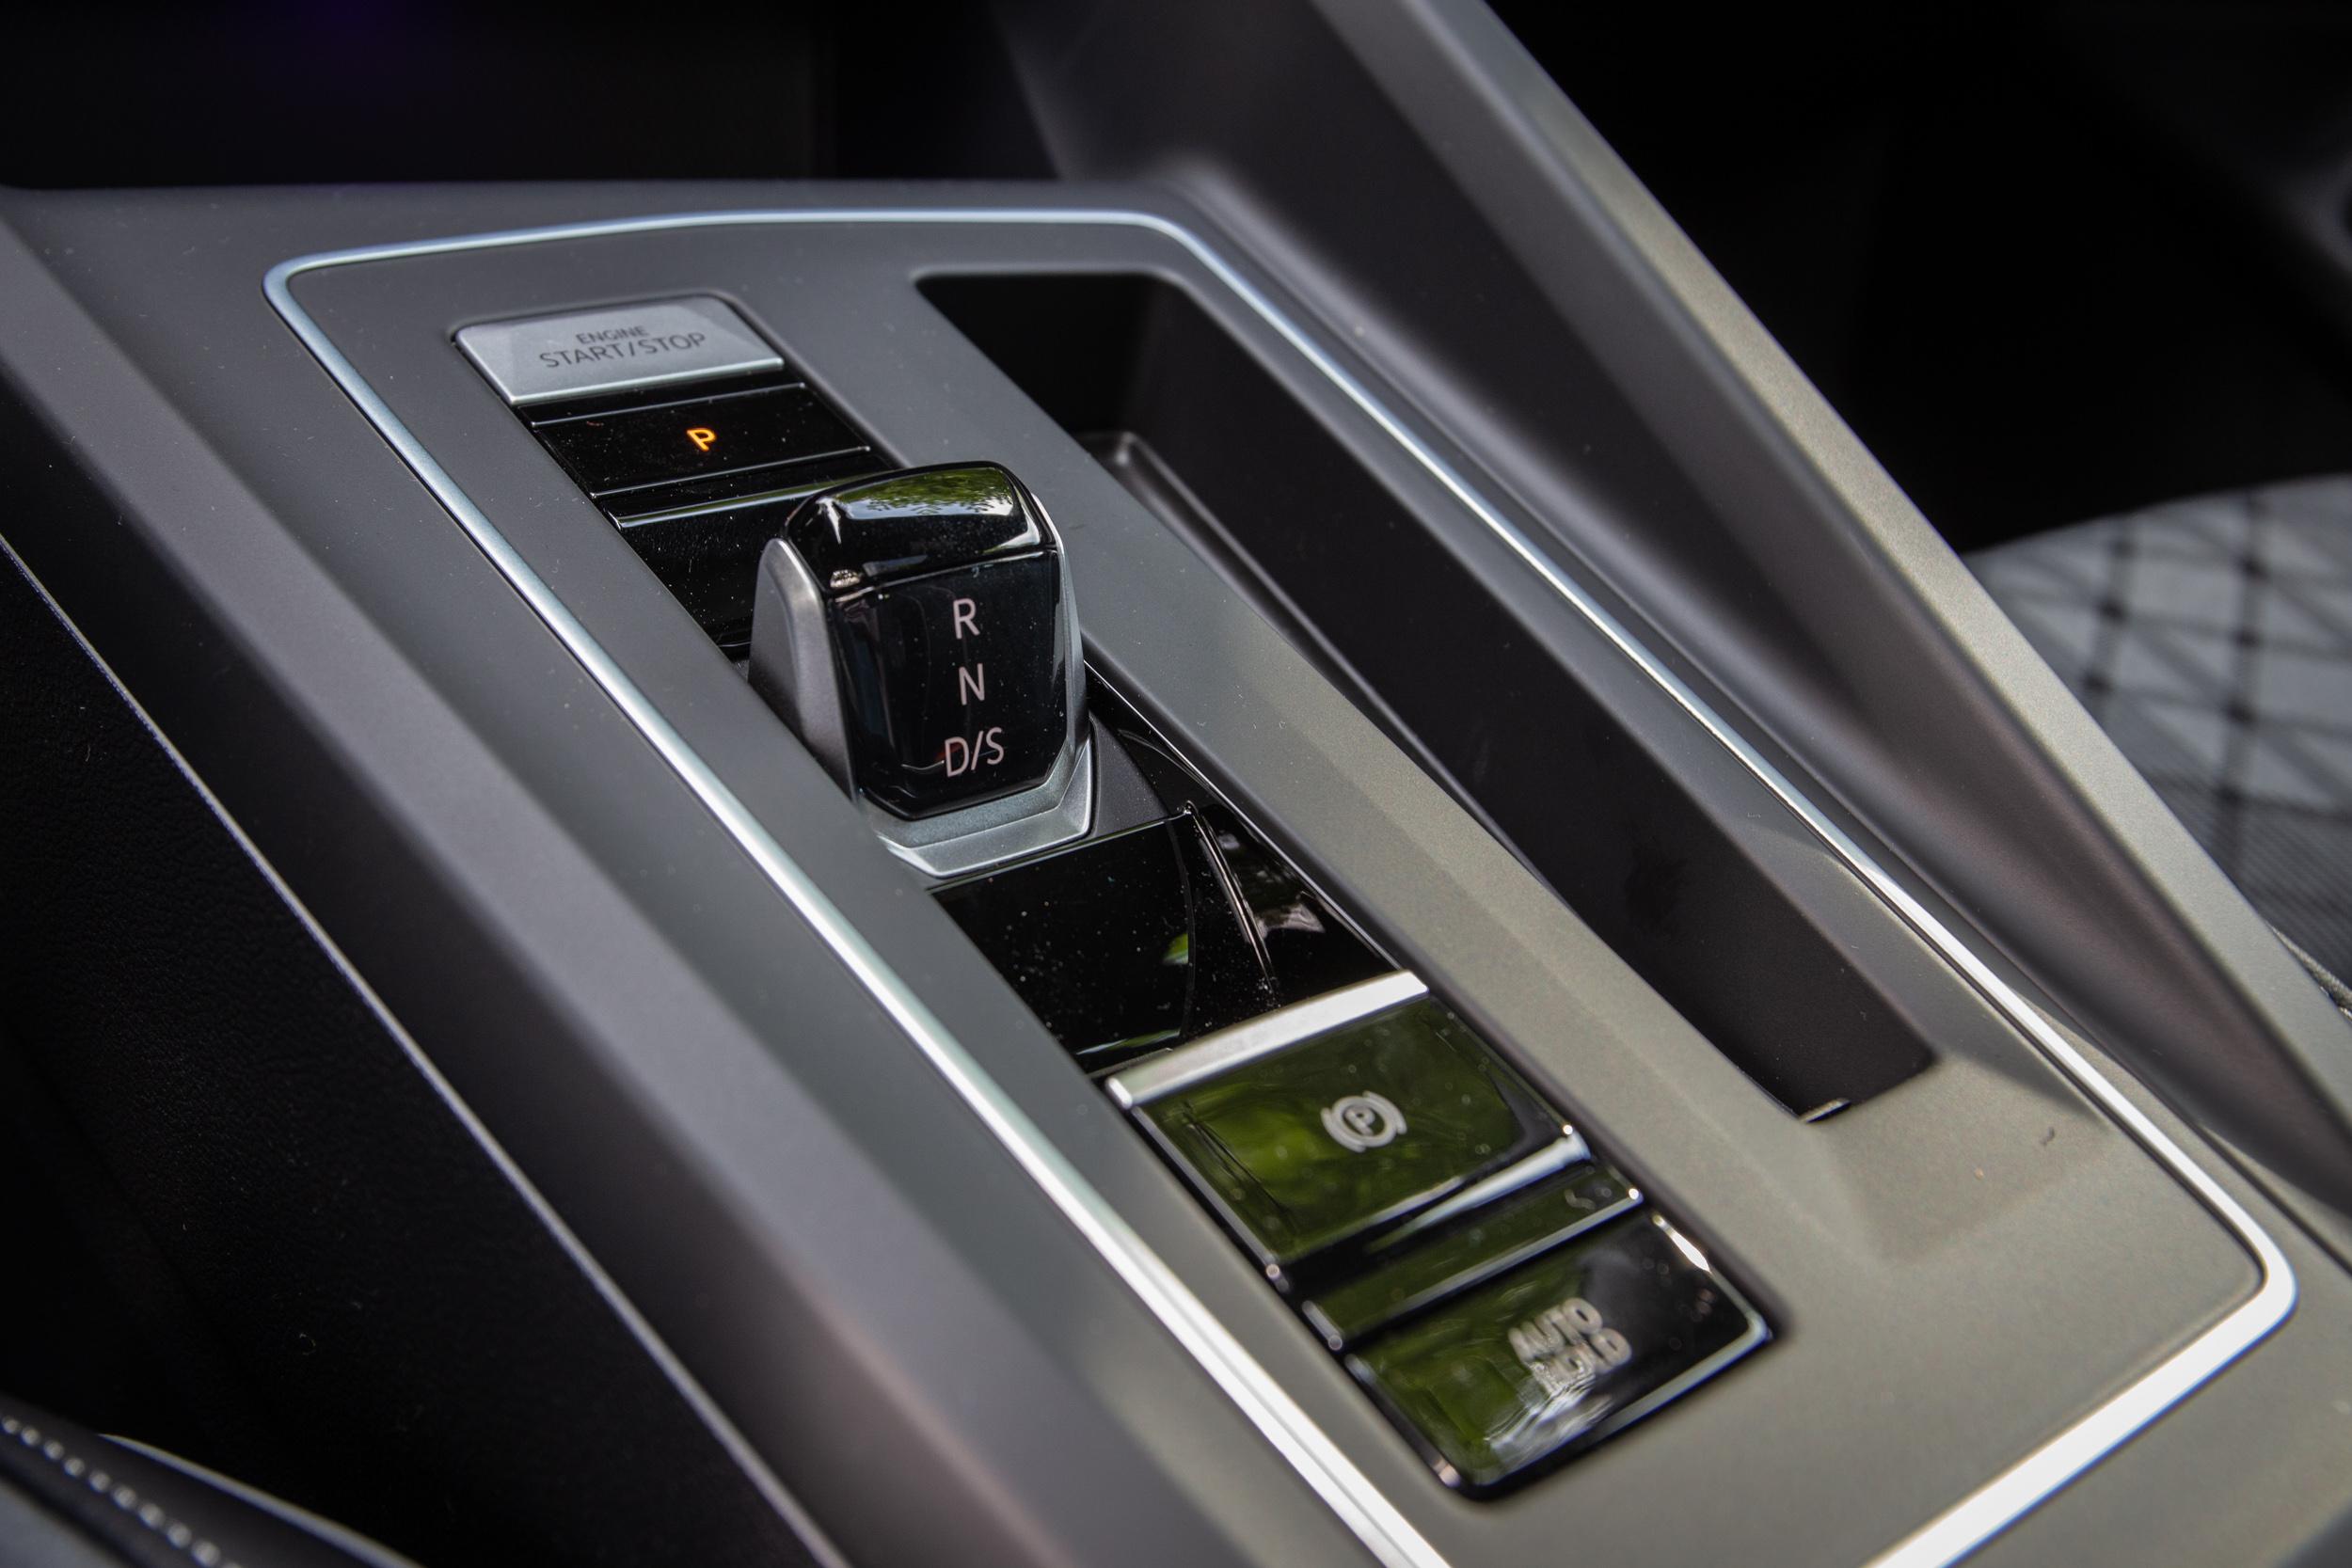 首度搭配線傳式排檔設計,變速系統仍為 DSG 七速雙離合器自手排變速箱。